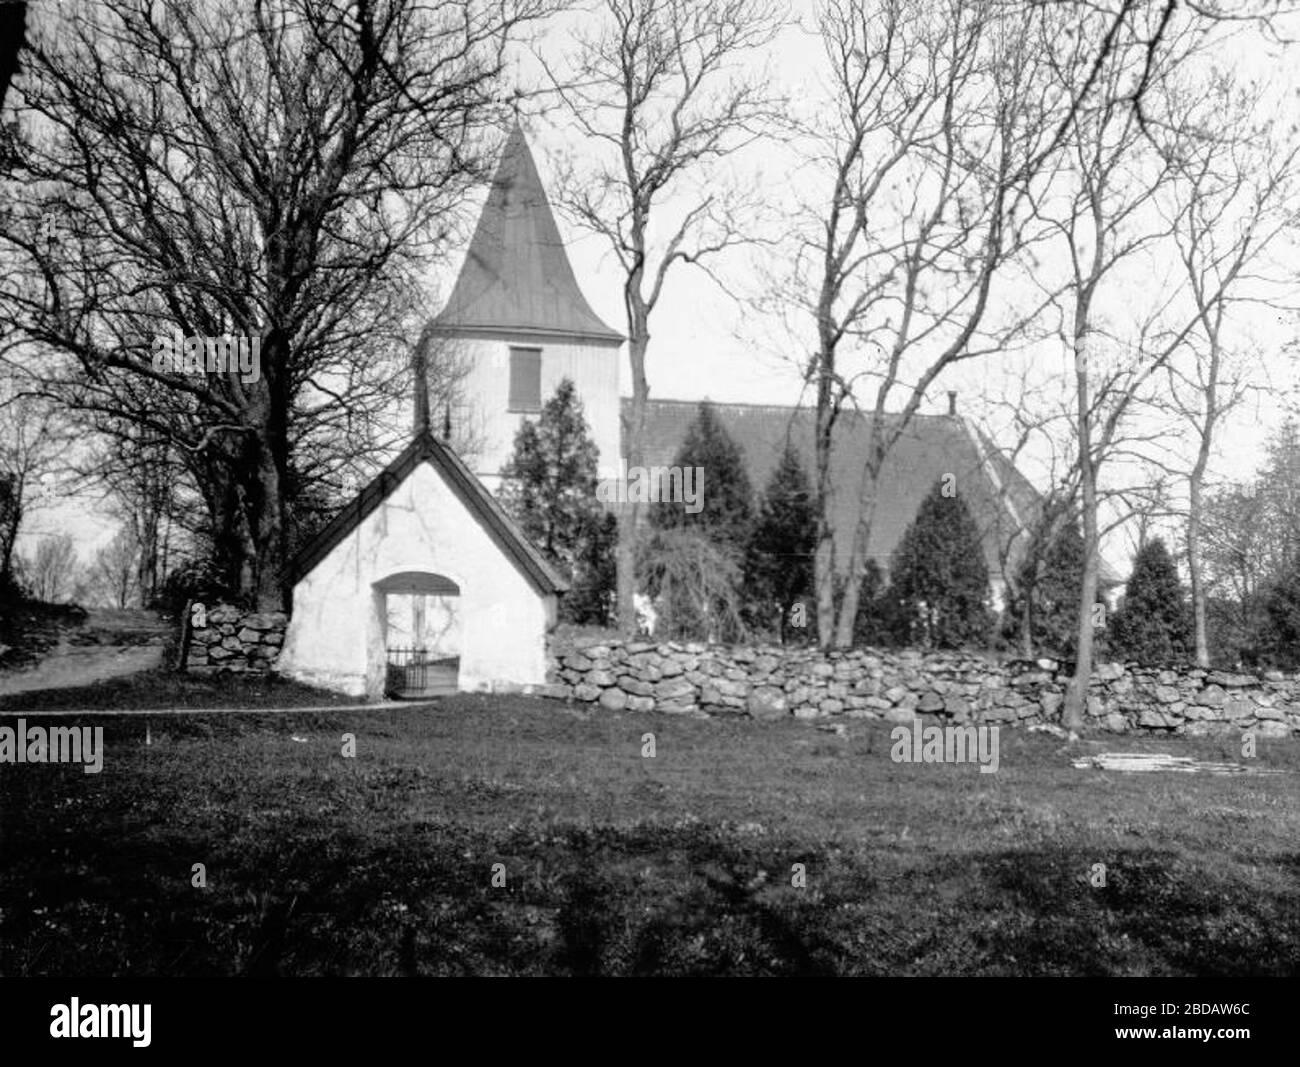 Ale-Skvde kyrka Interir mot koret. Ingngen till sakristian